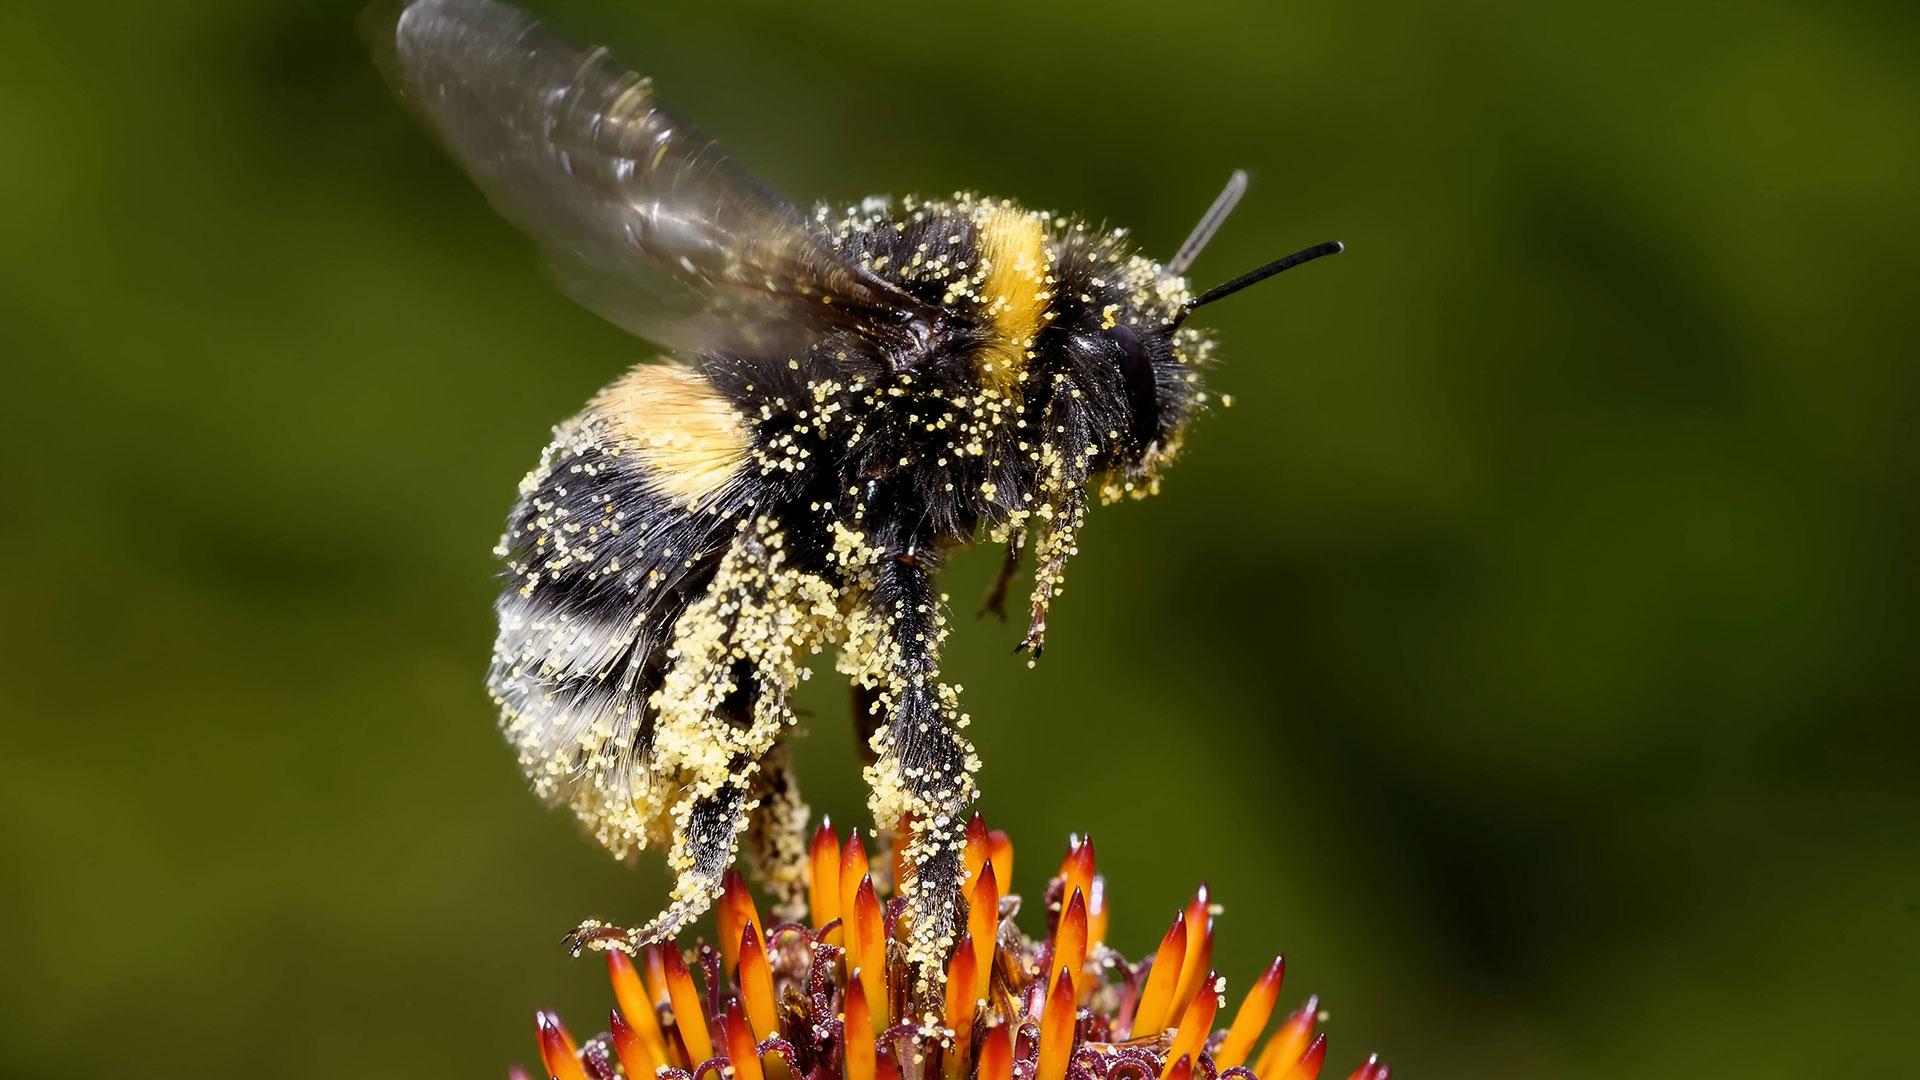 Hummeln sind erstaunliche Insekten und sehr wichtig für unser Ökosystem.